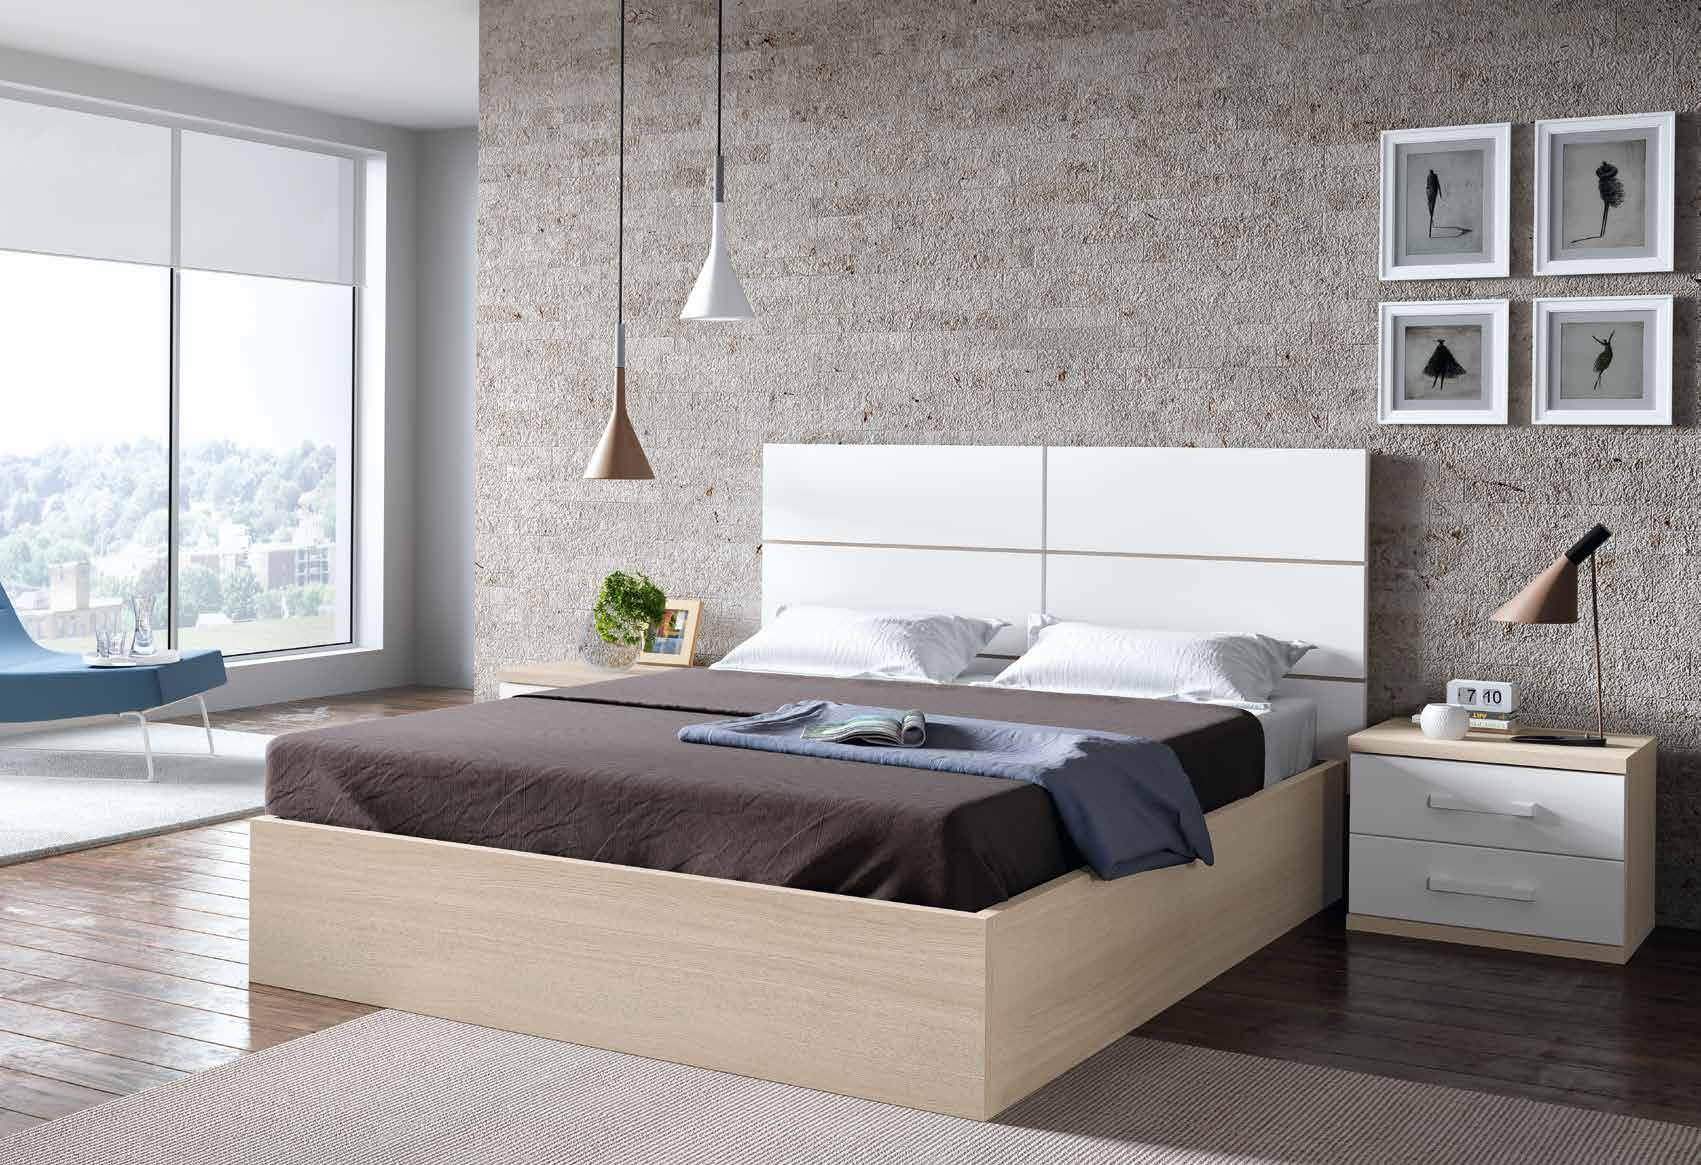 279-dormitorios-f-1